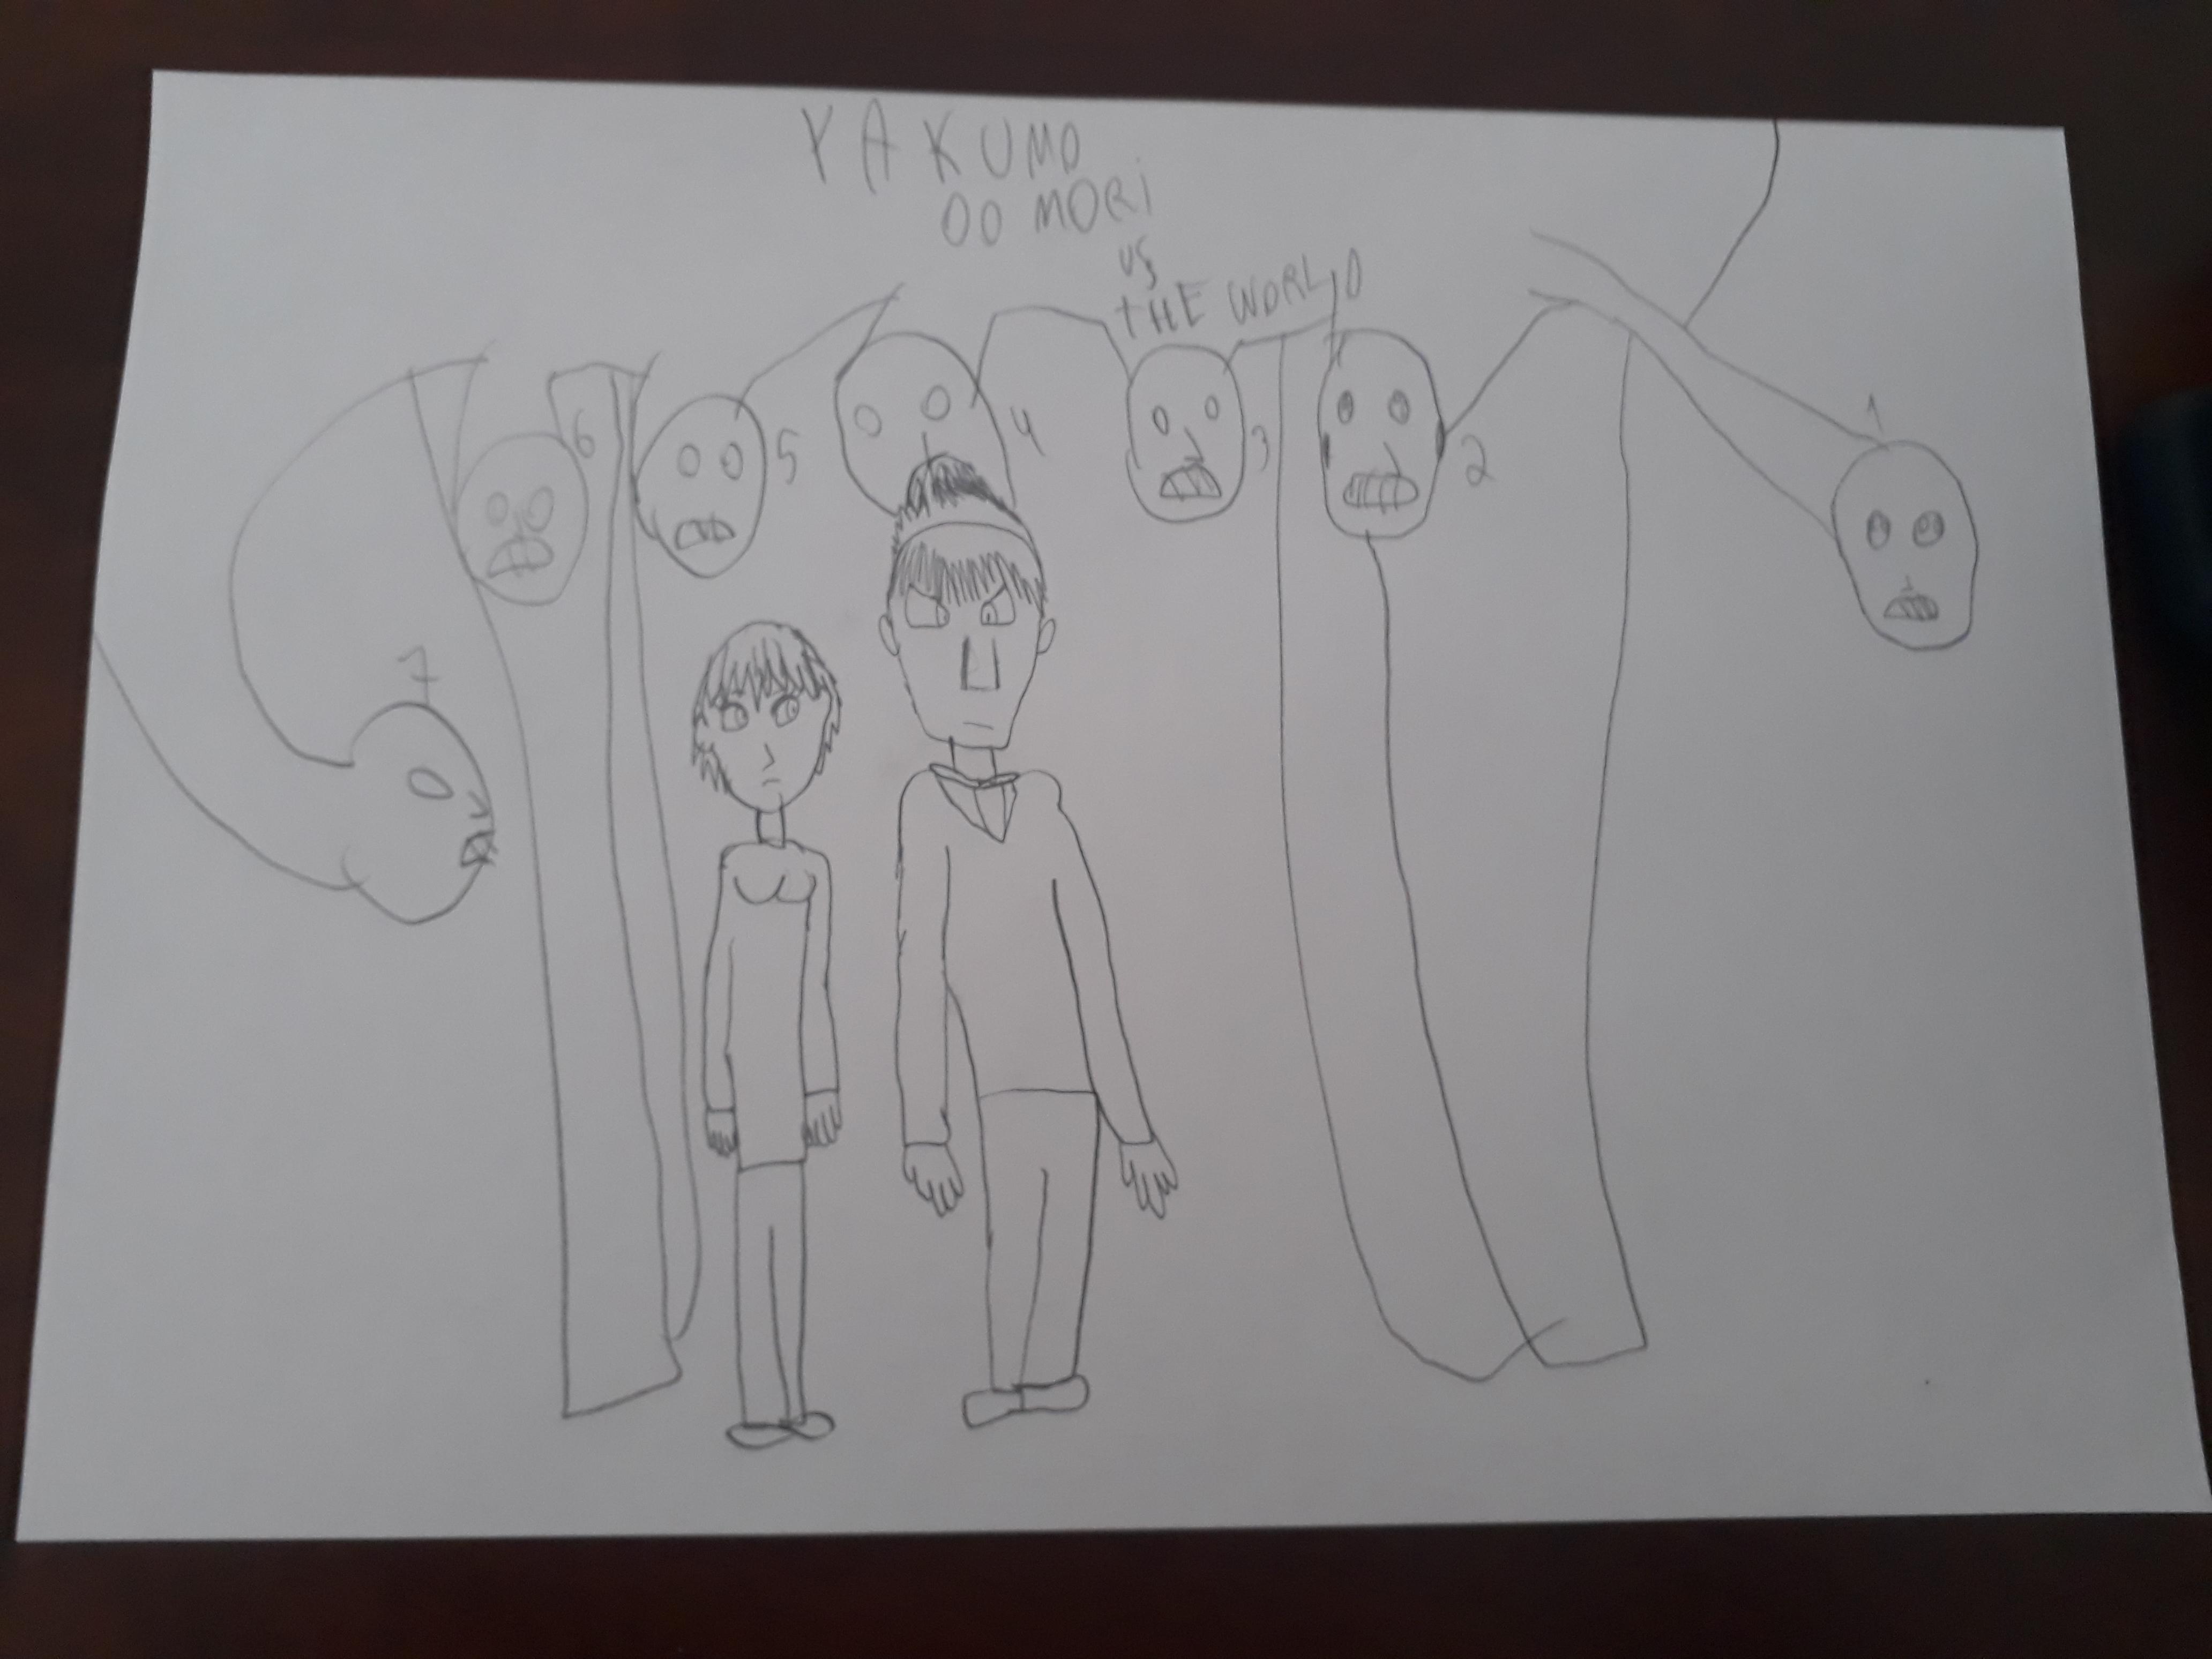 Dinolandia : Yakumo Oomori vs the world